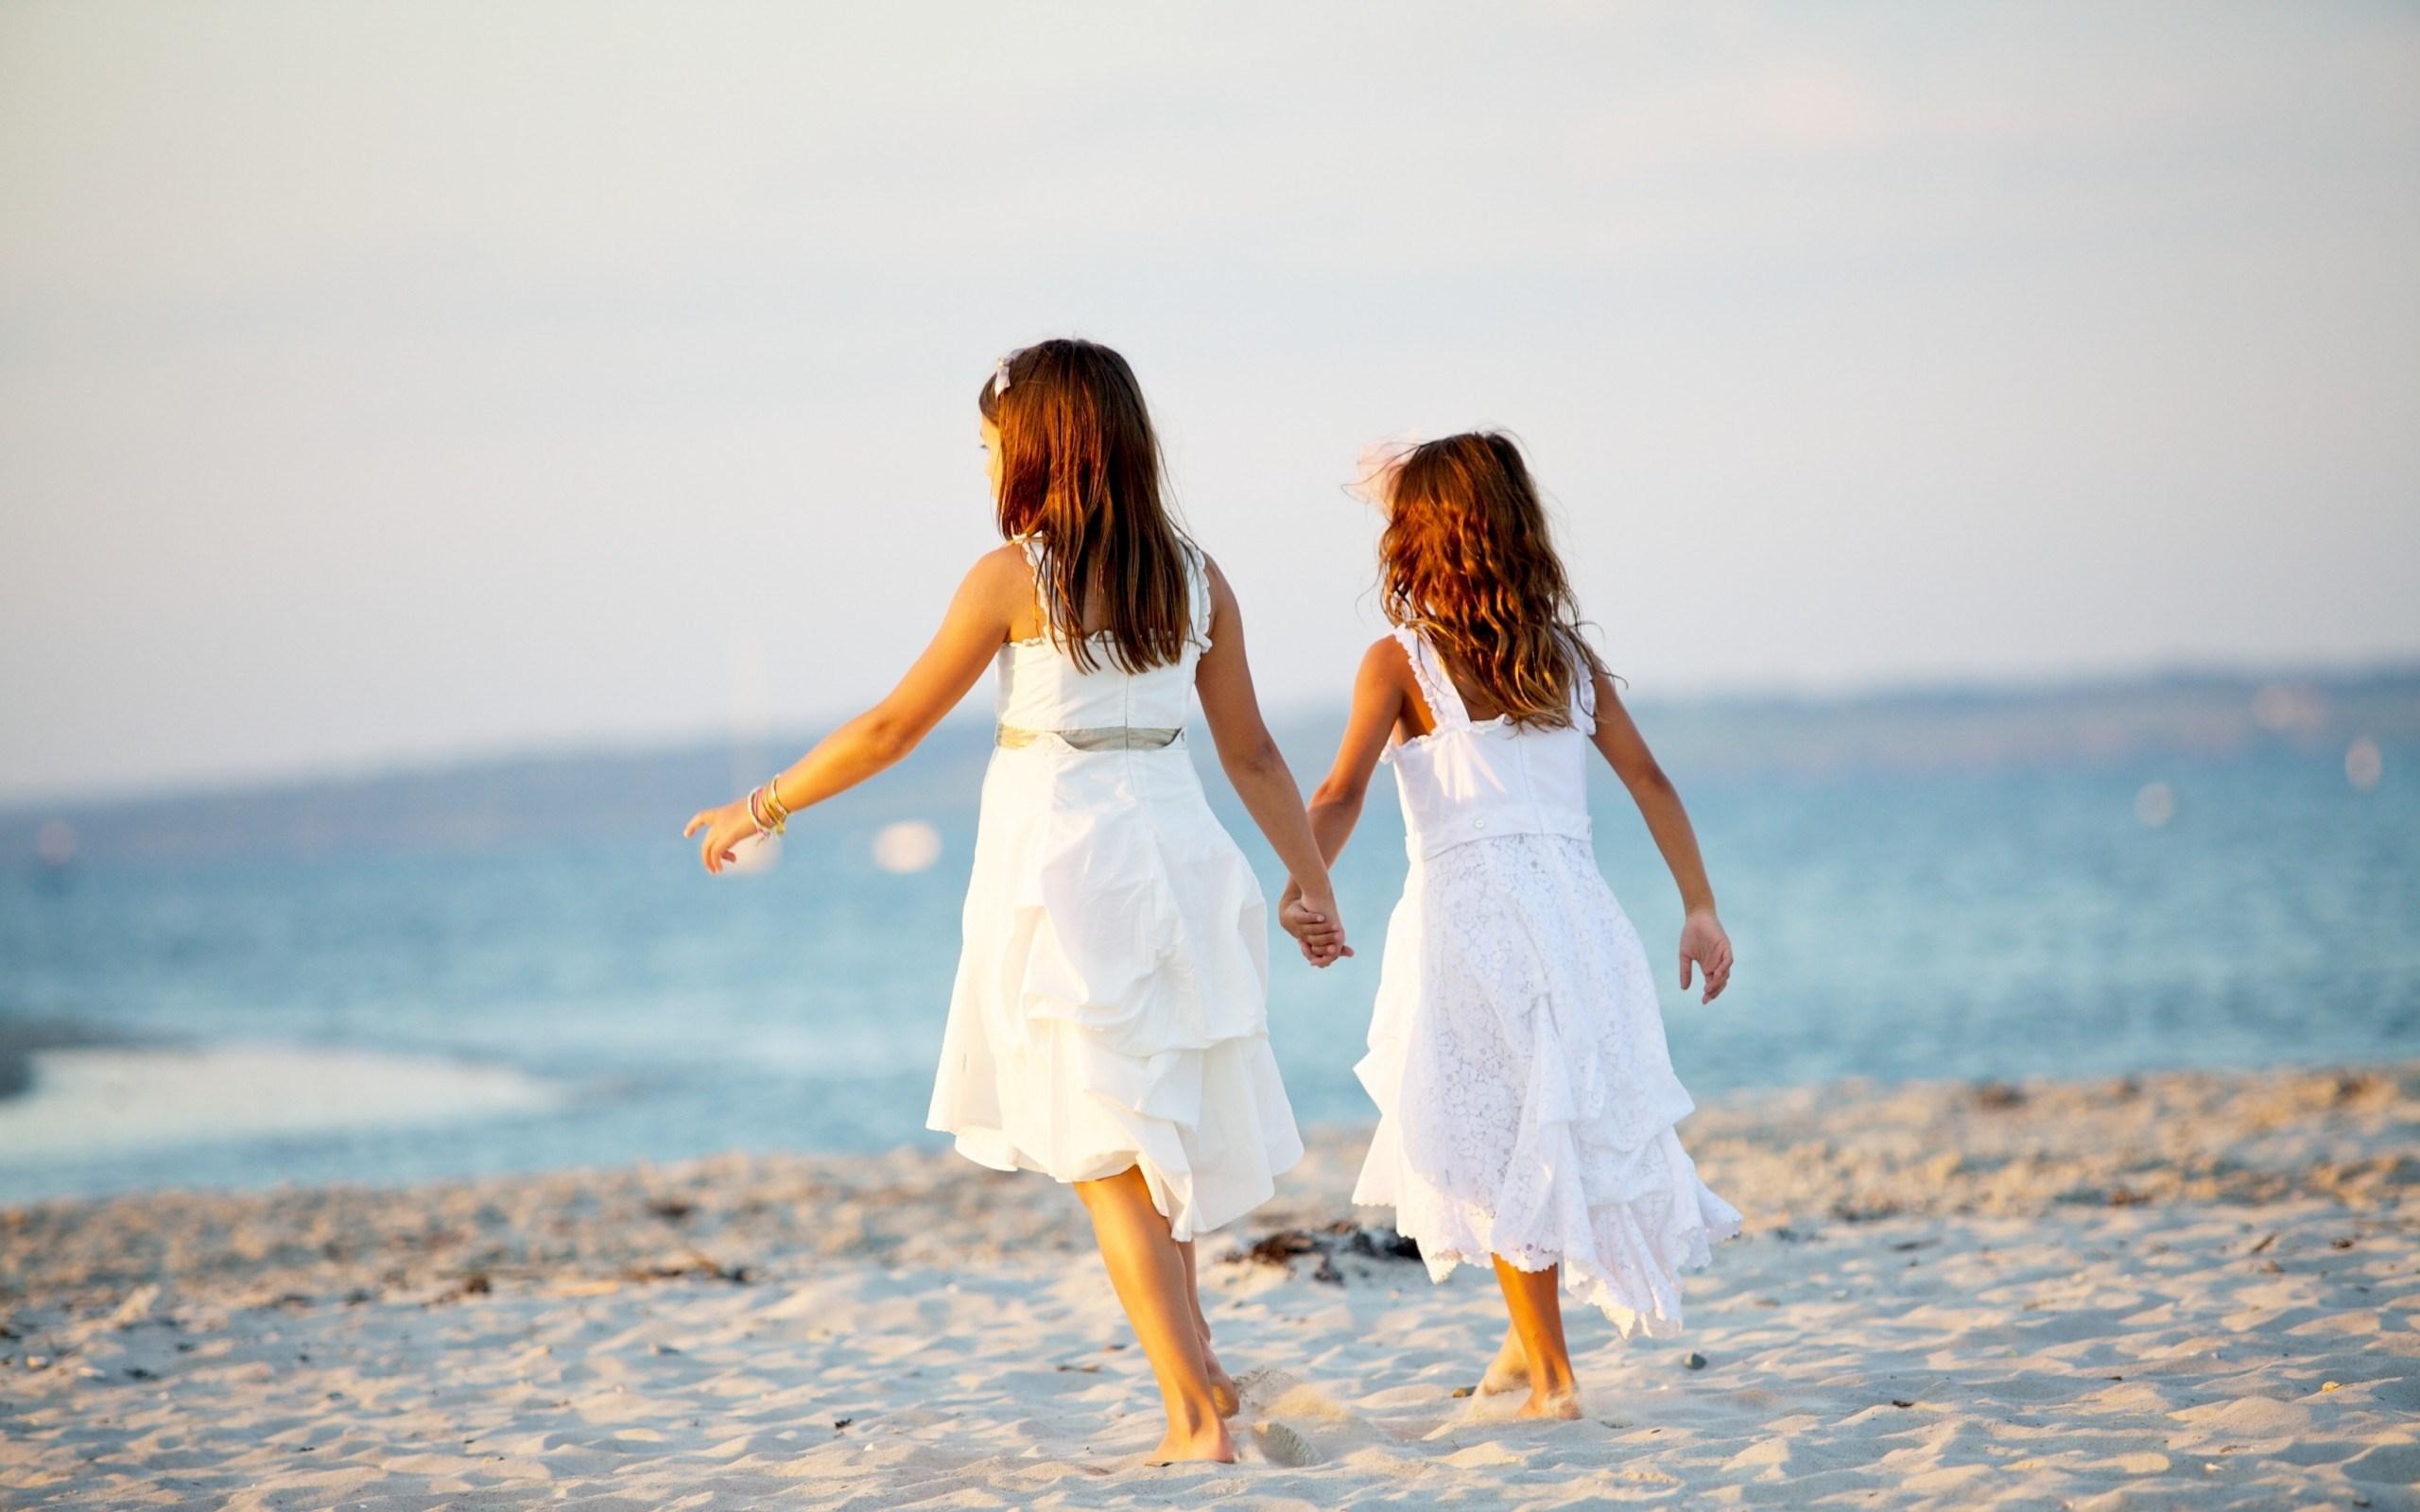 Girls Beach Sand Summer Children Wallpaper 2560x1600 15461